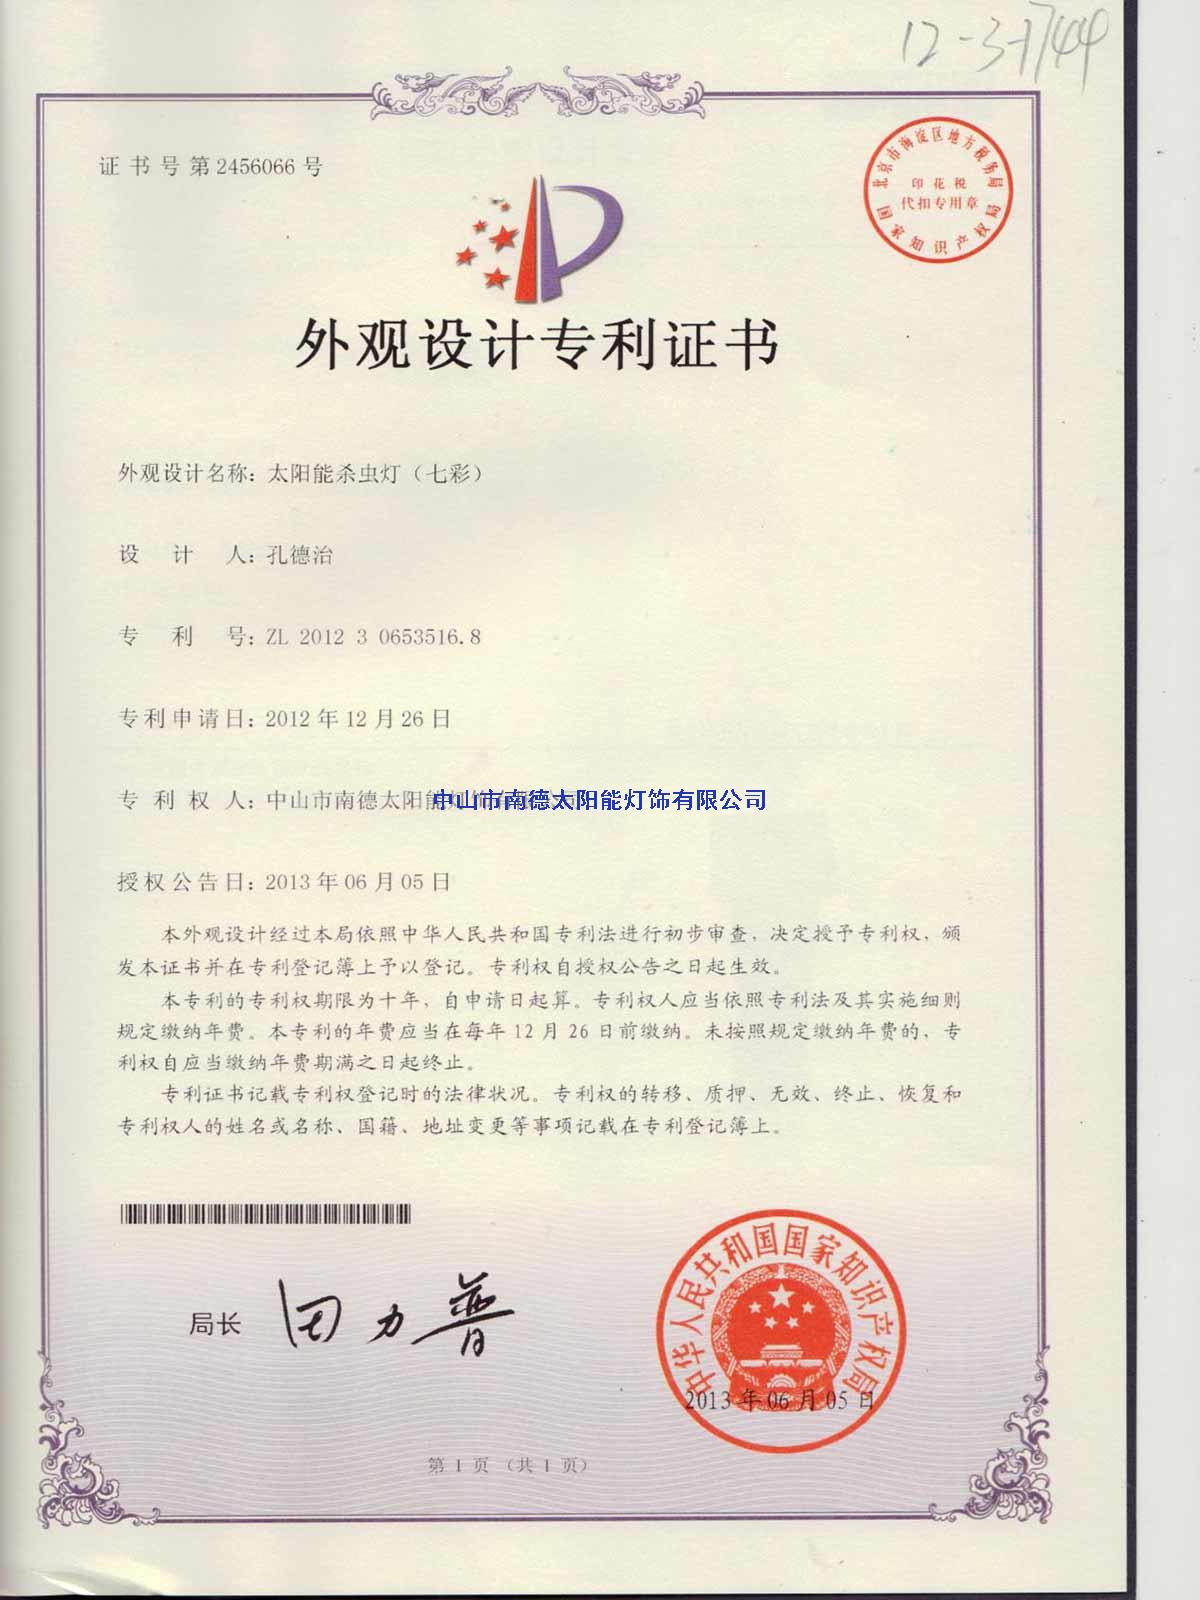 外观设计专利证书:太阳能杀虫灯(七彩)